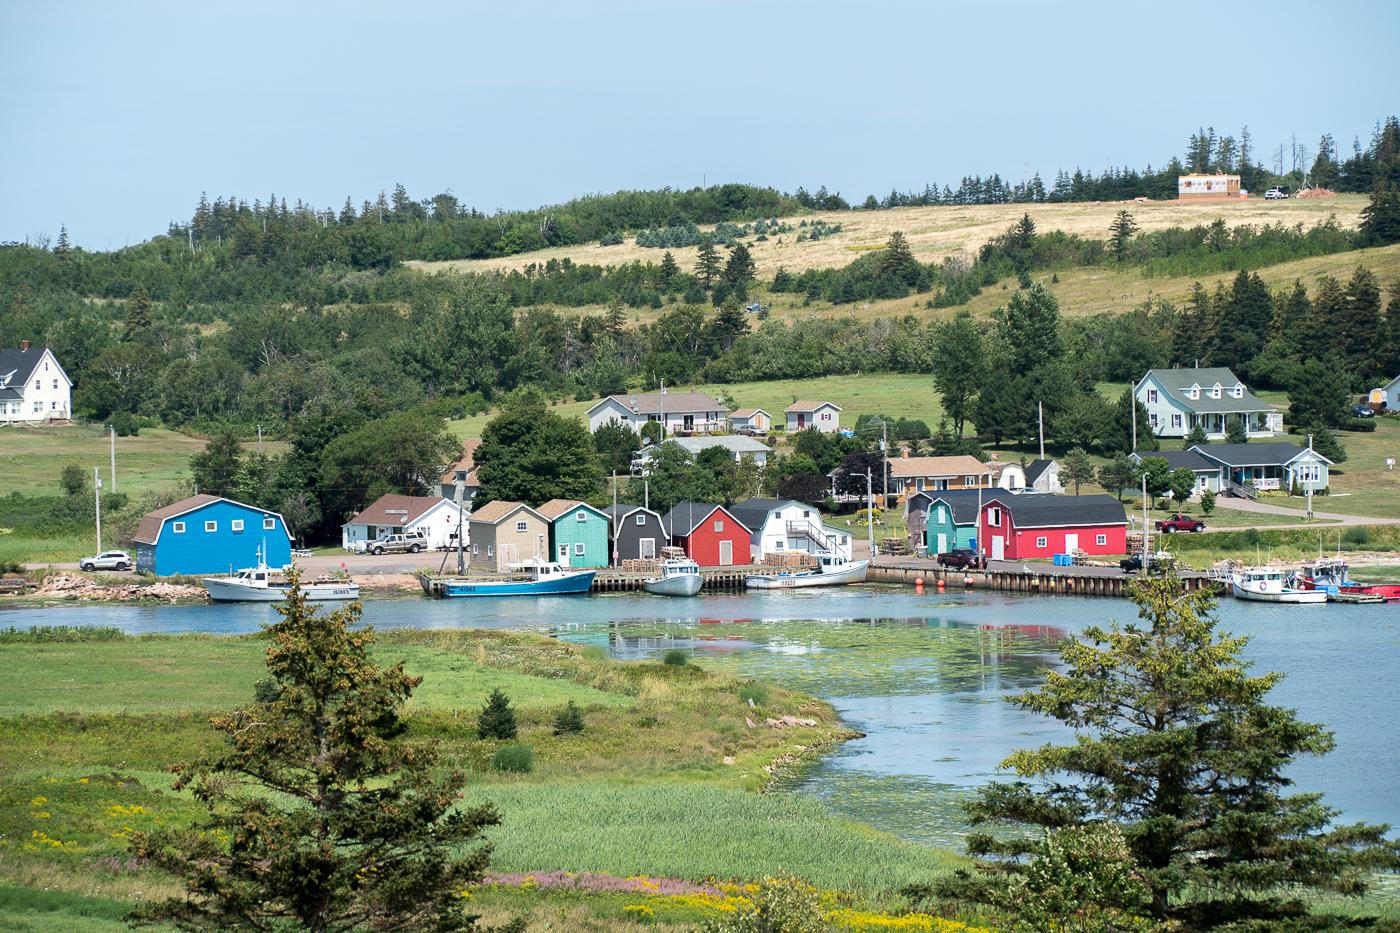 Paysage de French River aux hangars de pêcheurs multicolores